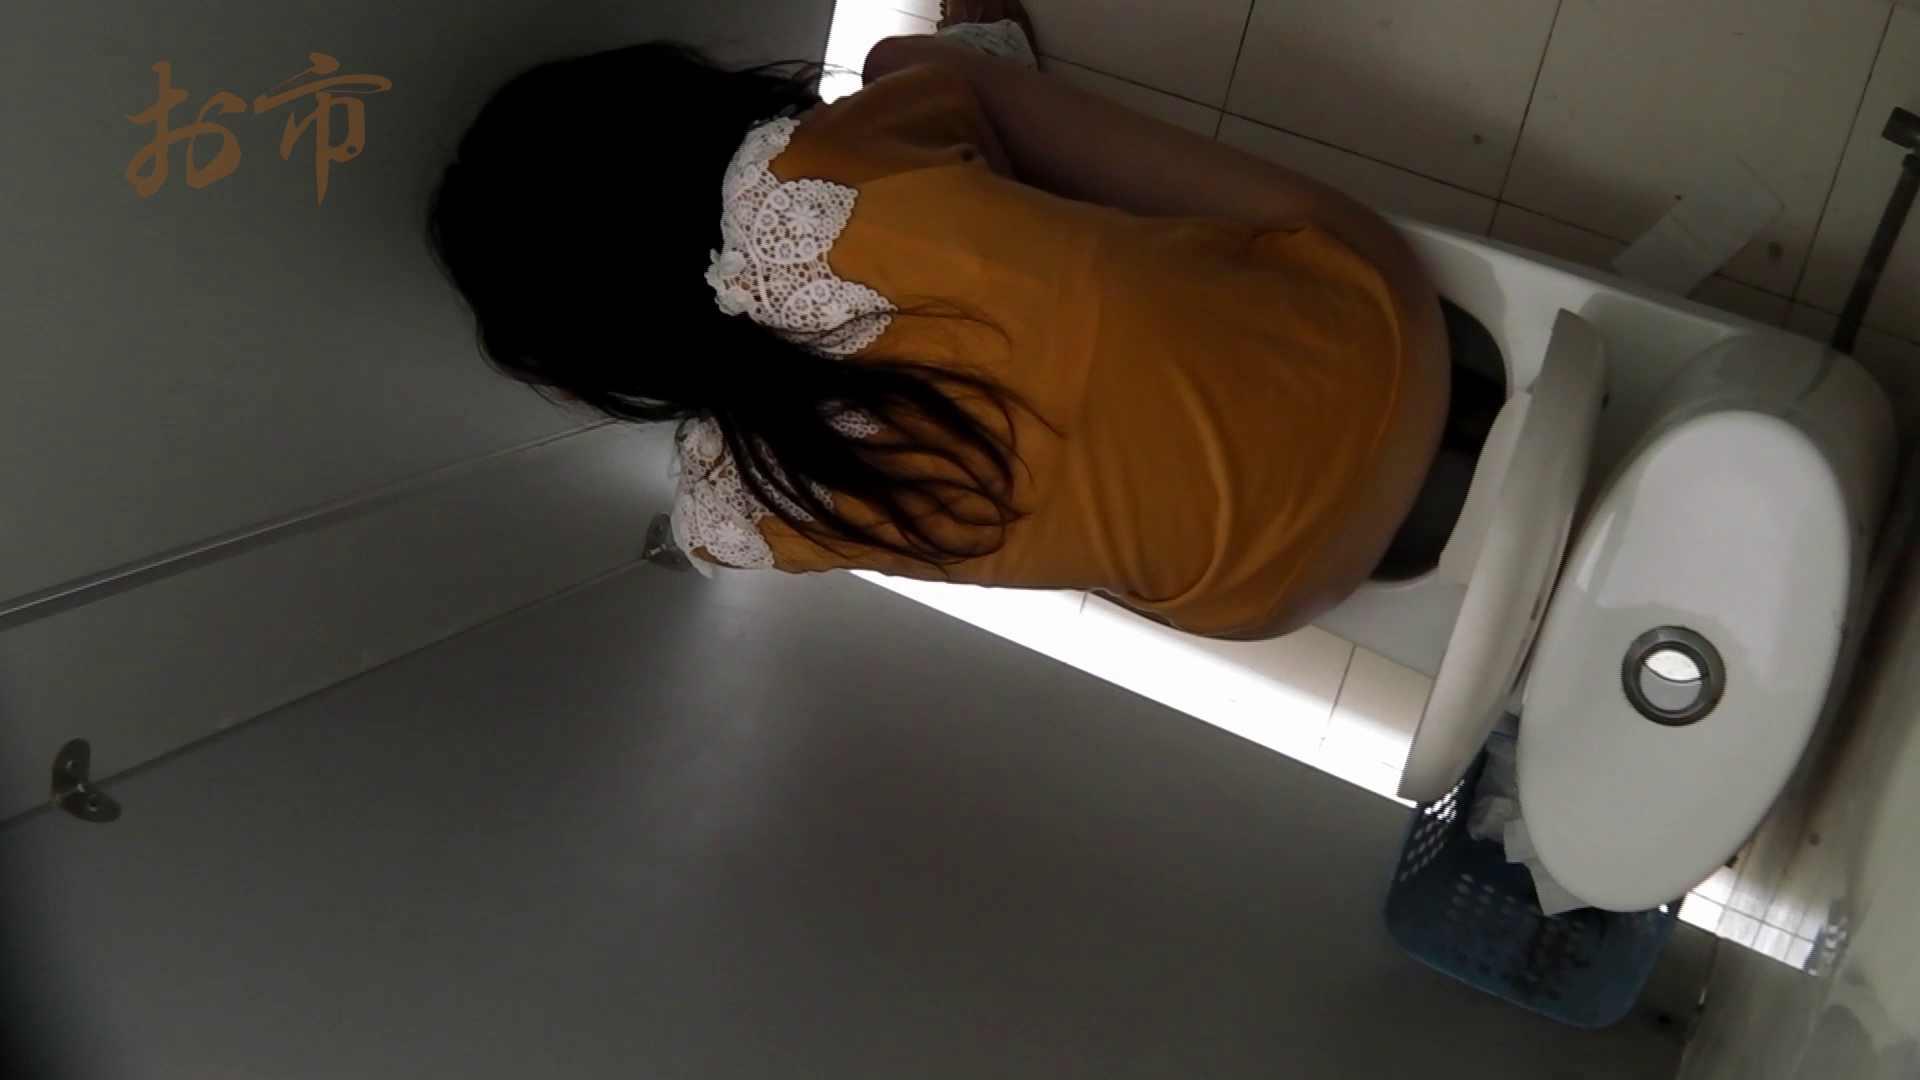 潜入!!台湾名門女学院 Vol.12 長身モデル驚き見たことないシチュエーション 細身体型 セックス無修正動画無料 80枚 40